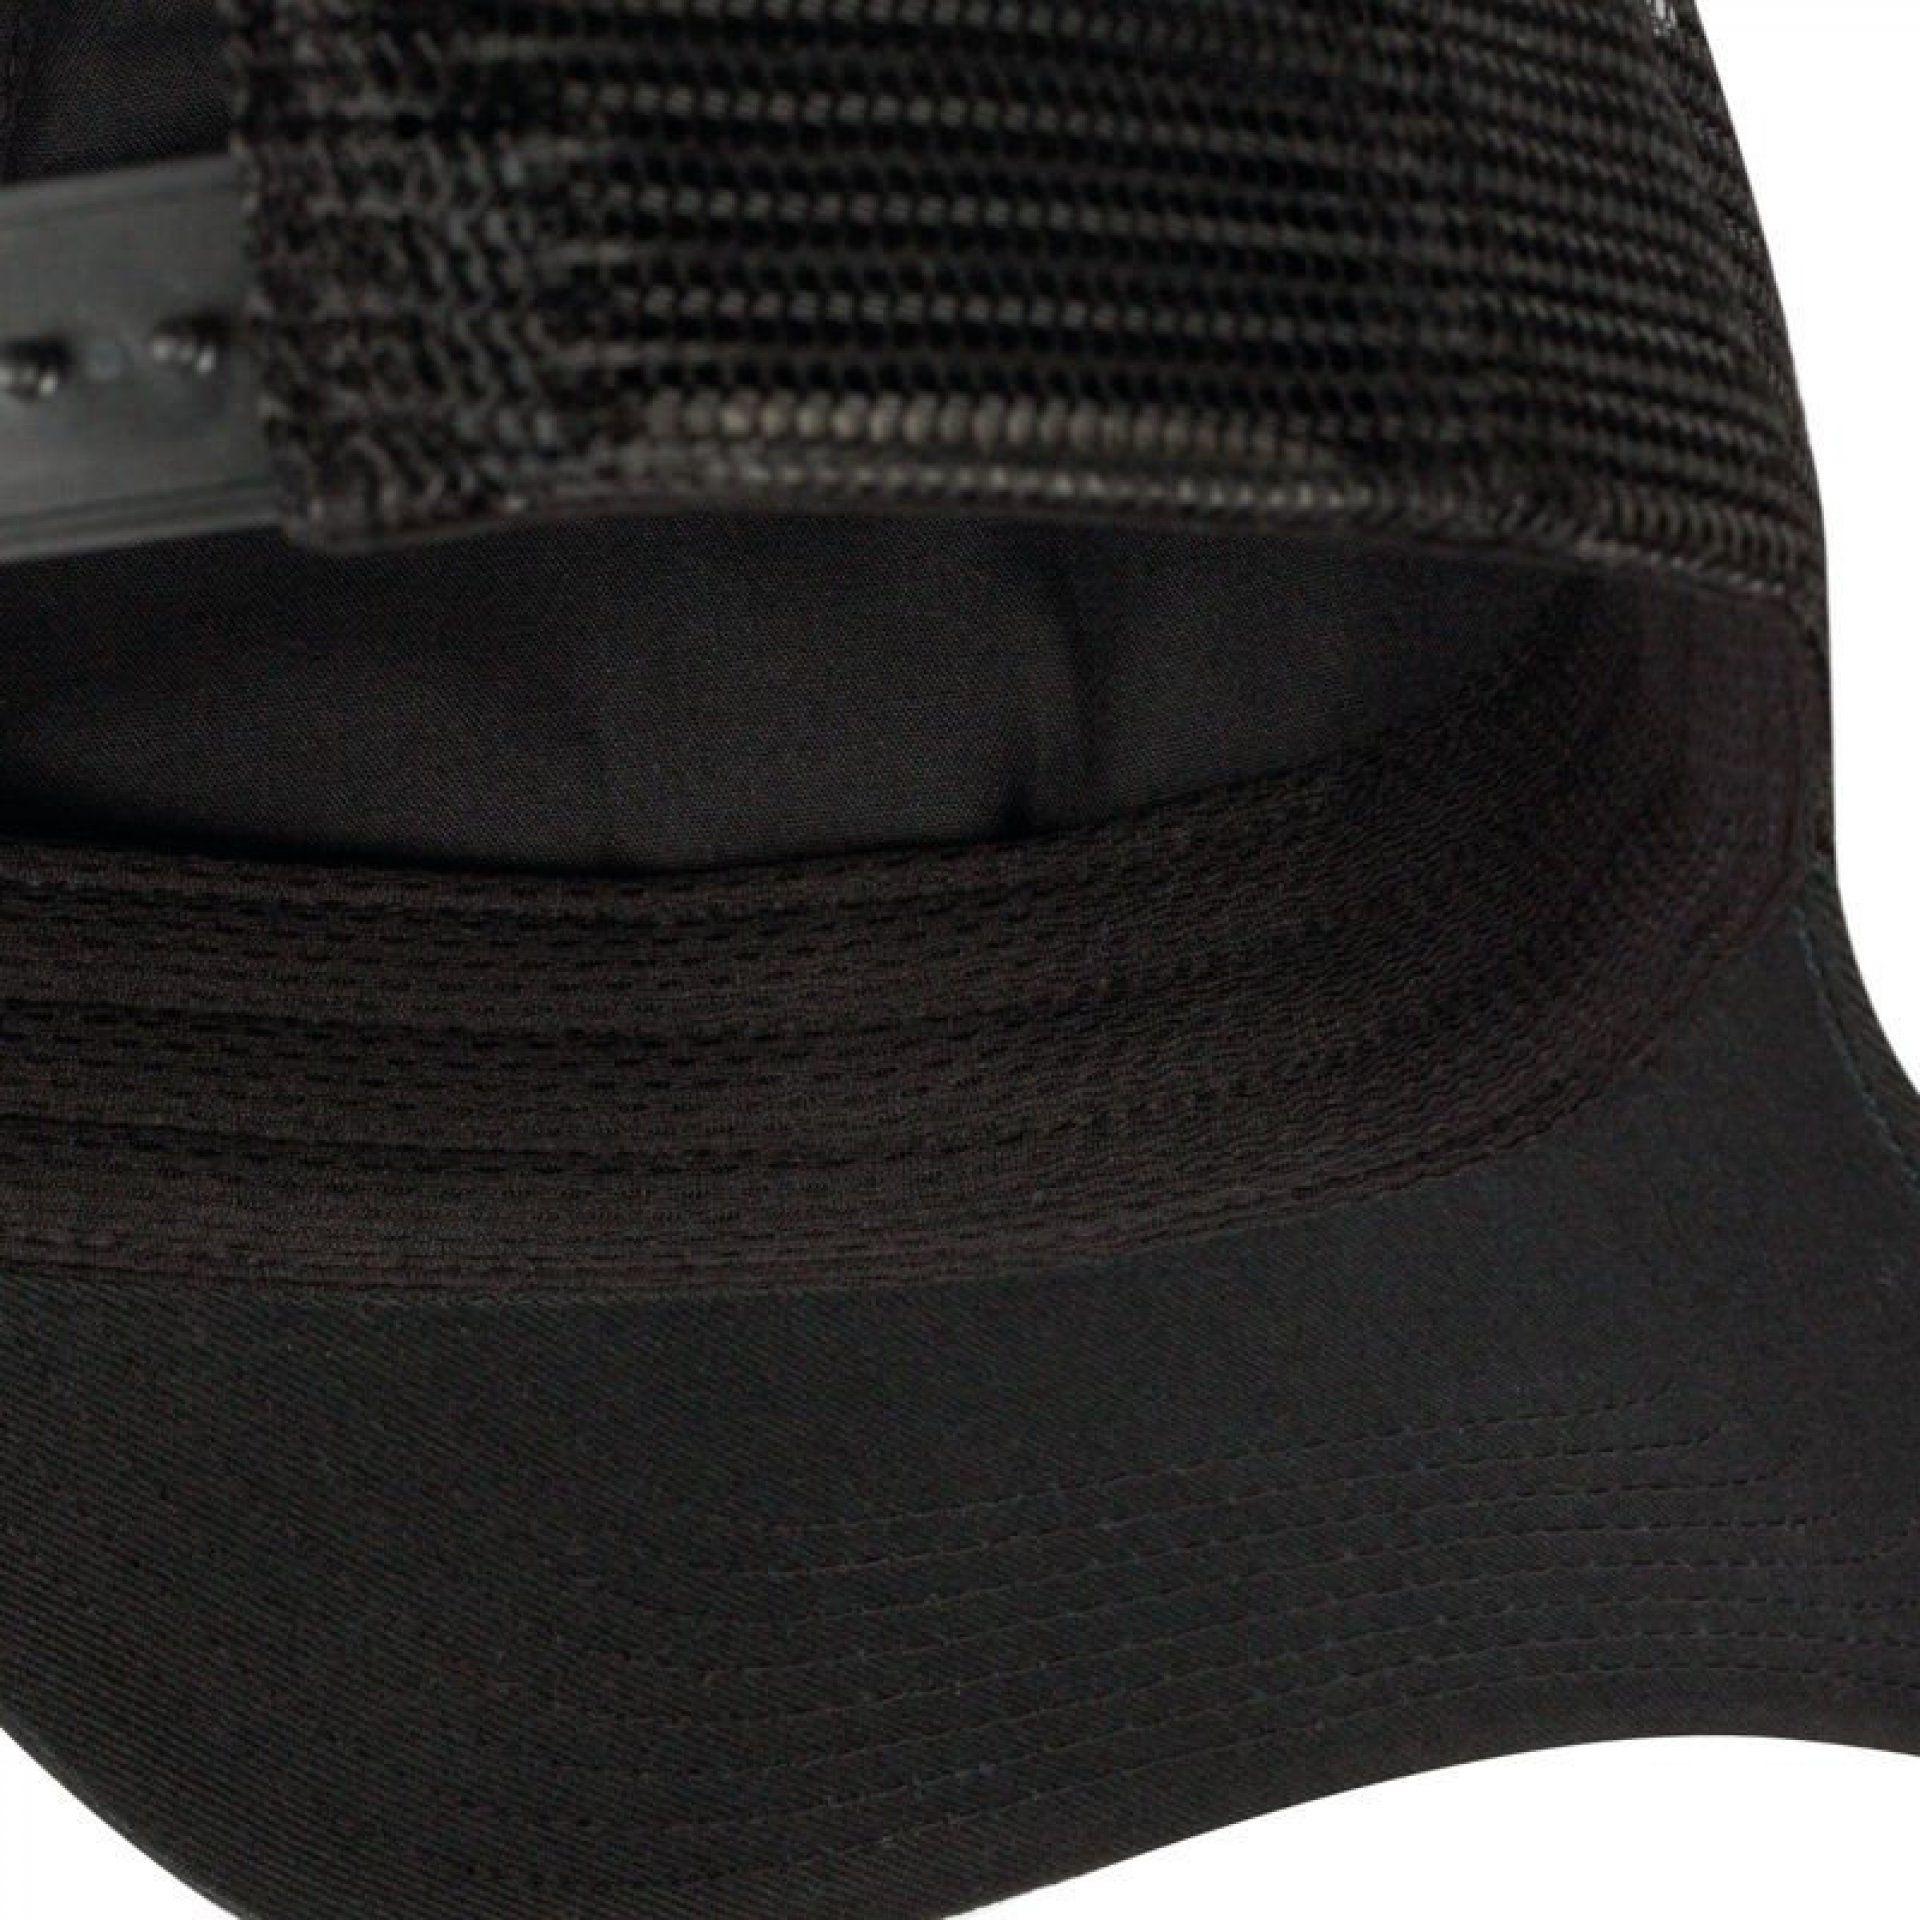 CZAPKA Z DASZKIEM BUFF TRUCKER CAP APE-X BLACK WEWNĄTRZ